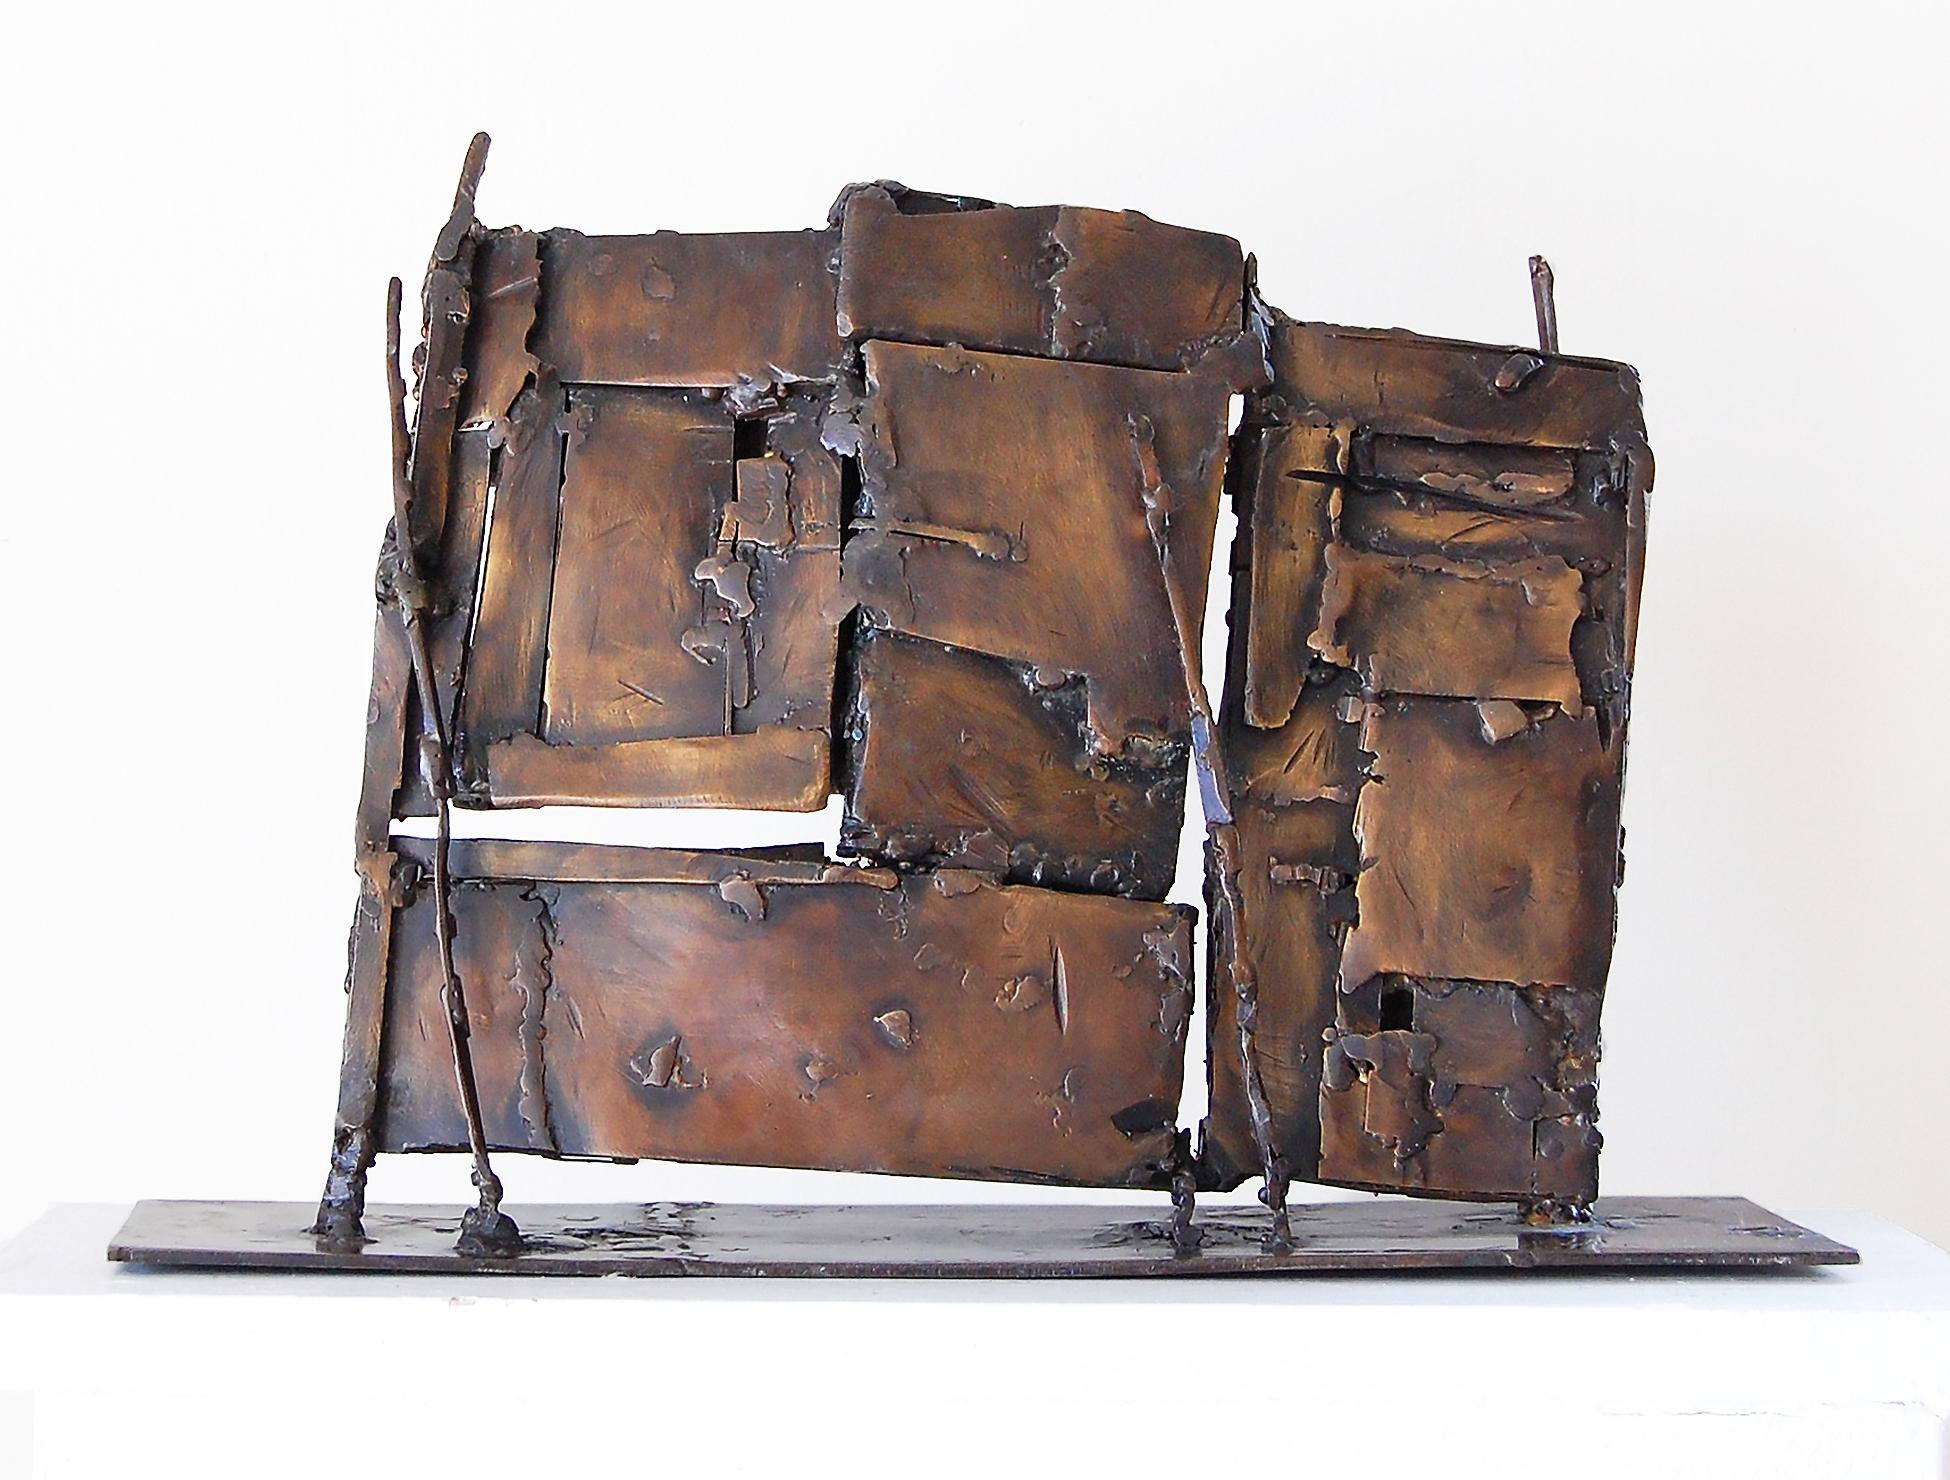 Critos Way, 2012, bronze, 14 in, $5,000